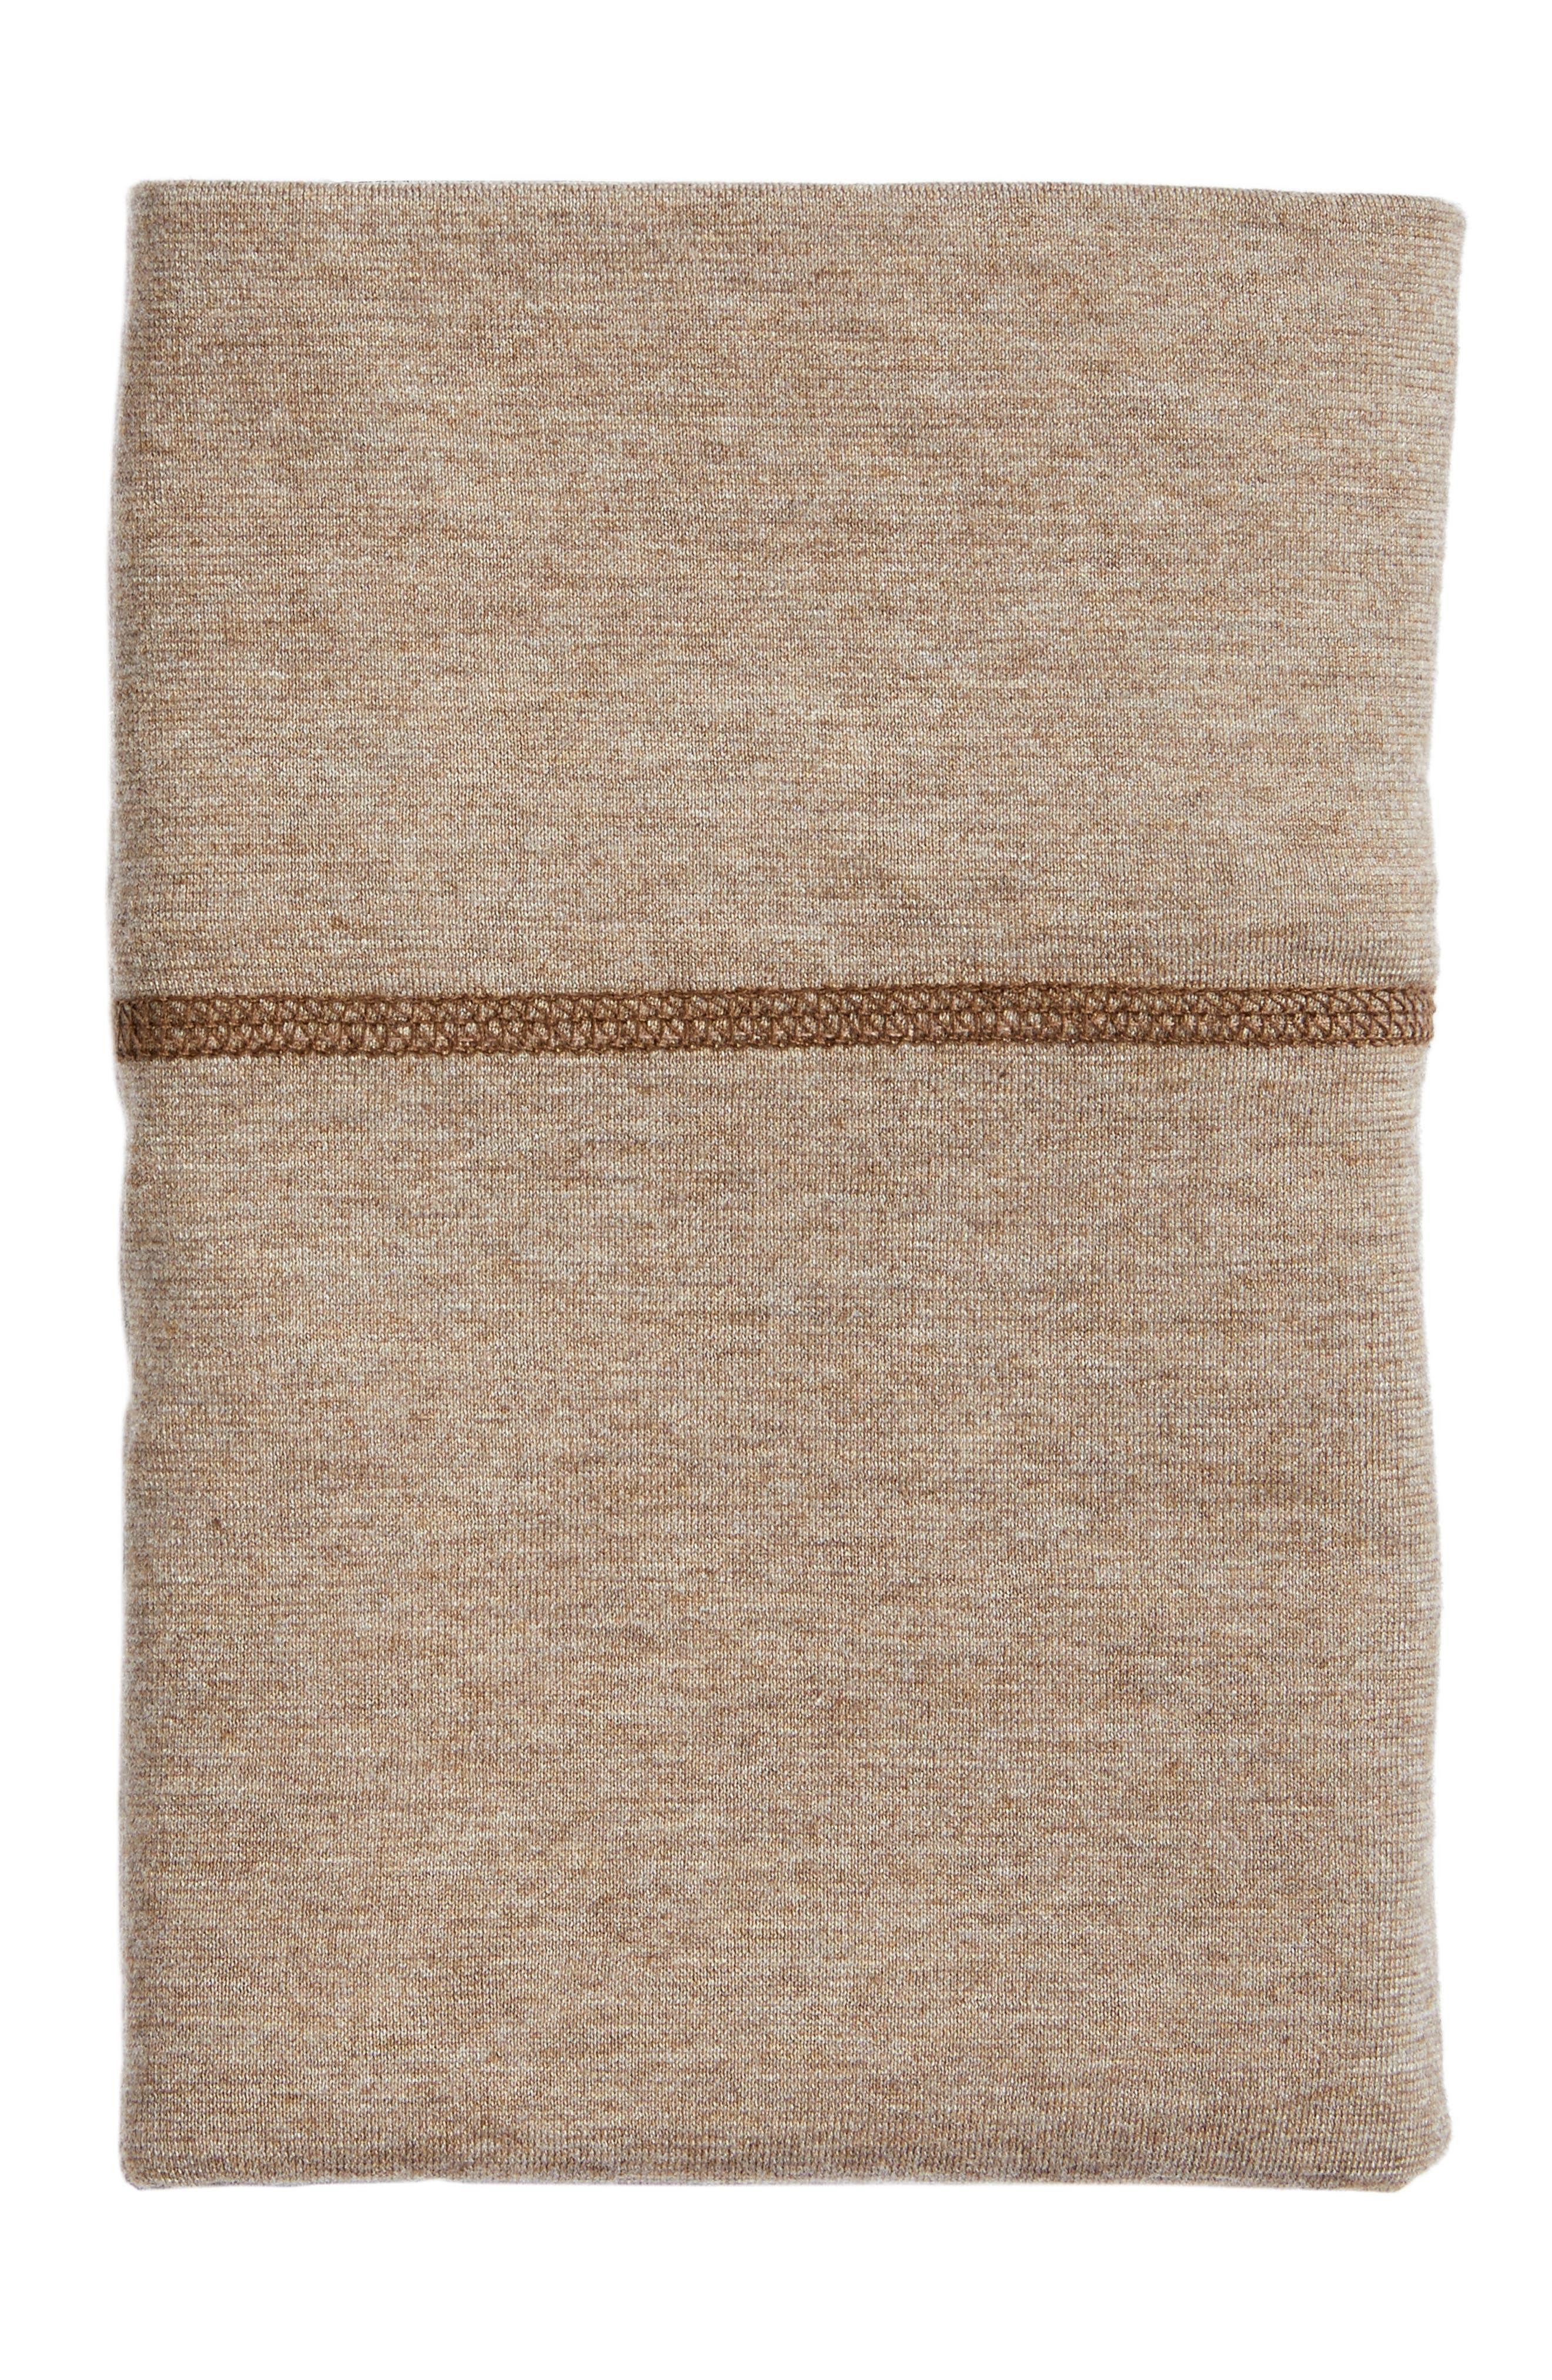 Calvin Klein Home Set of 2 Cotton & Modal Jersey Pillowcases